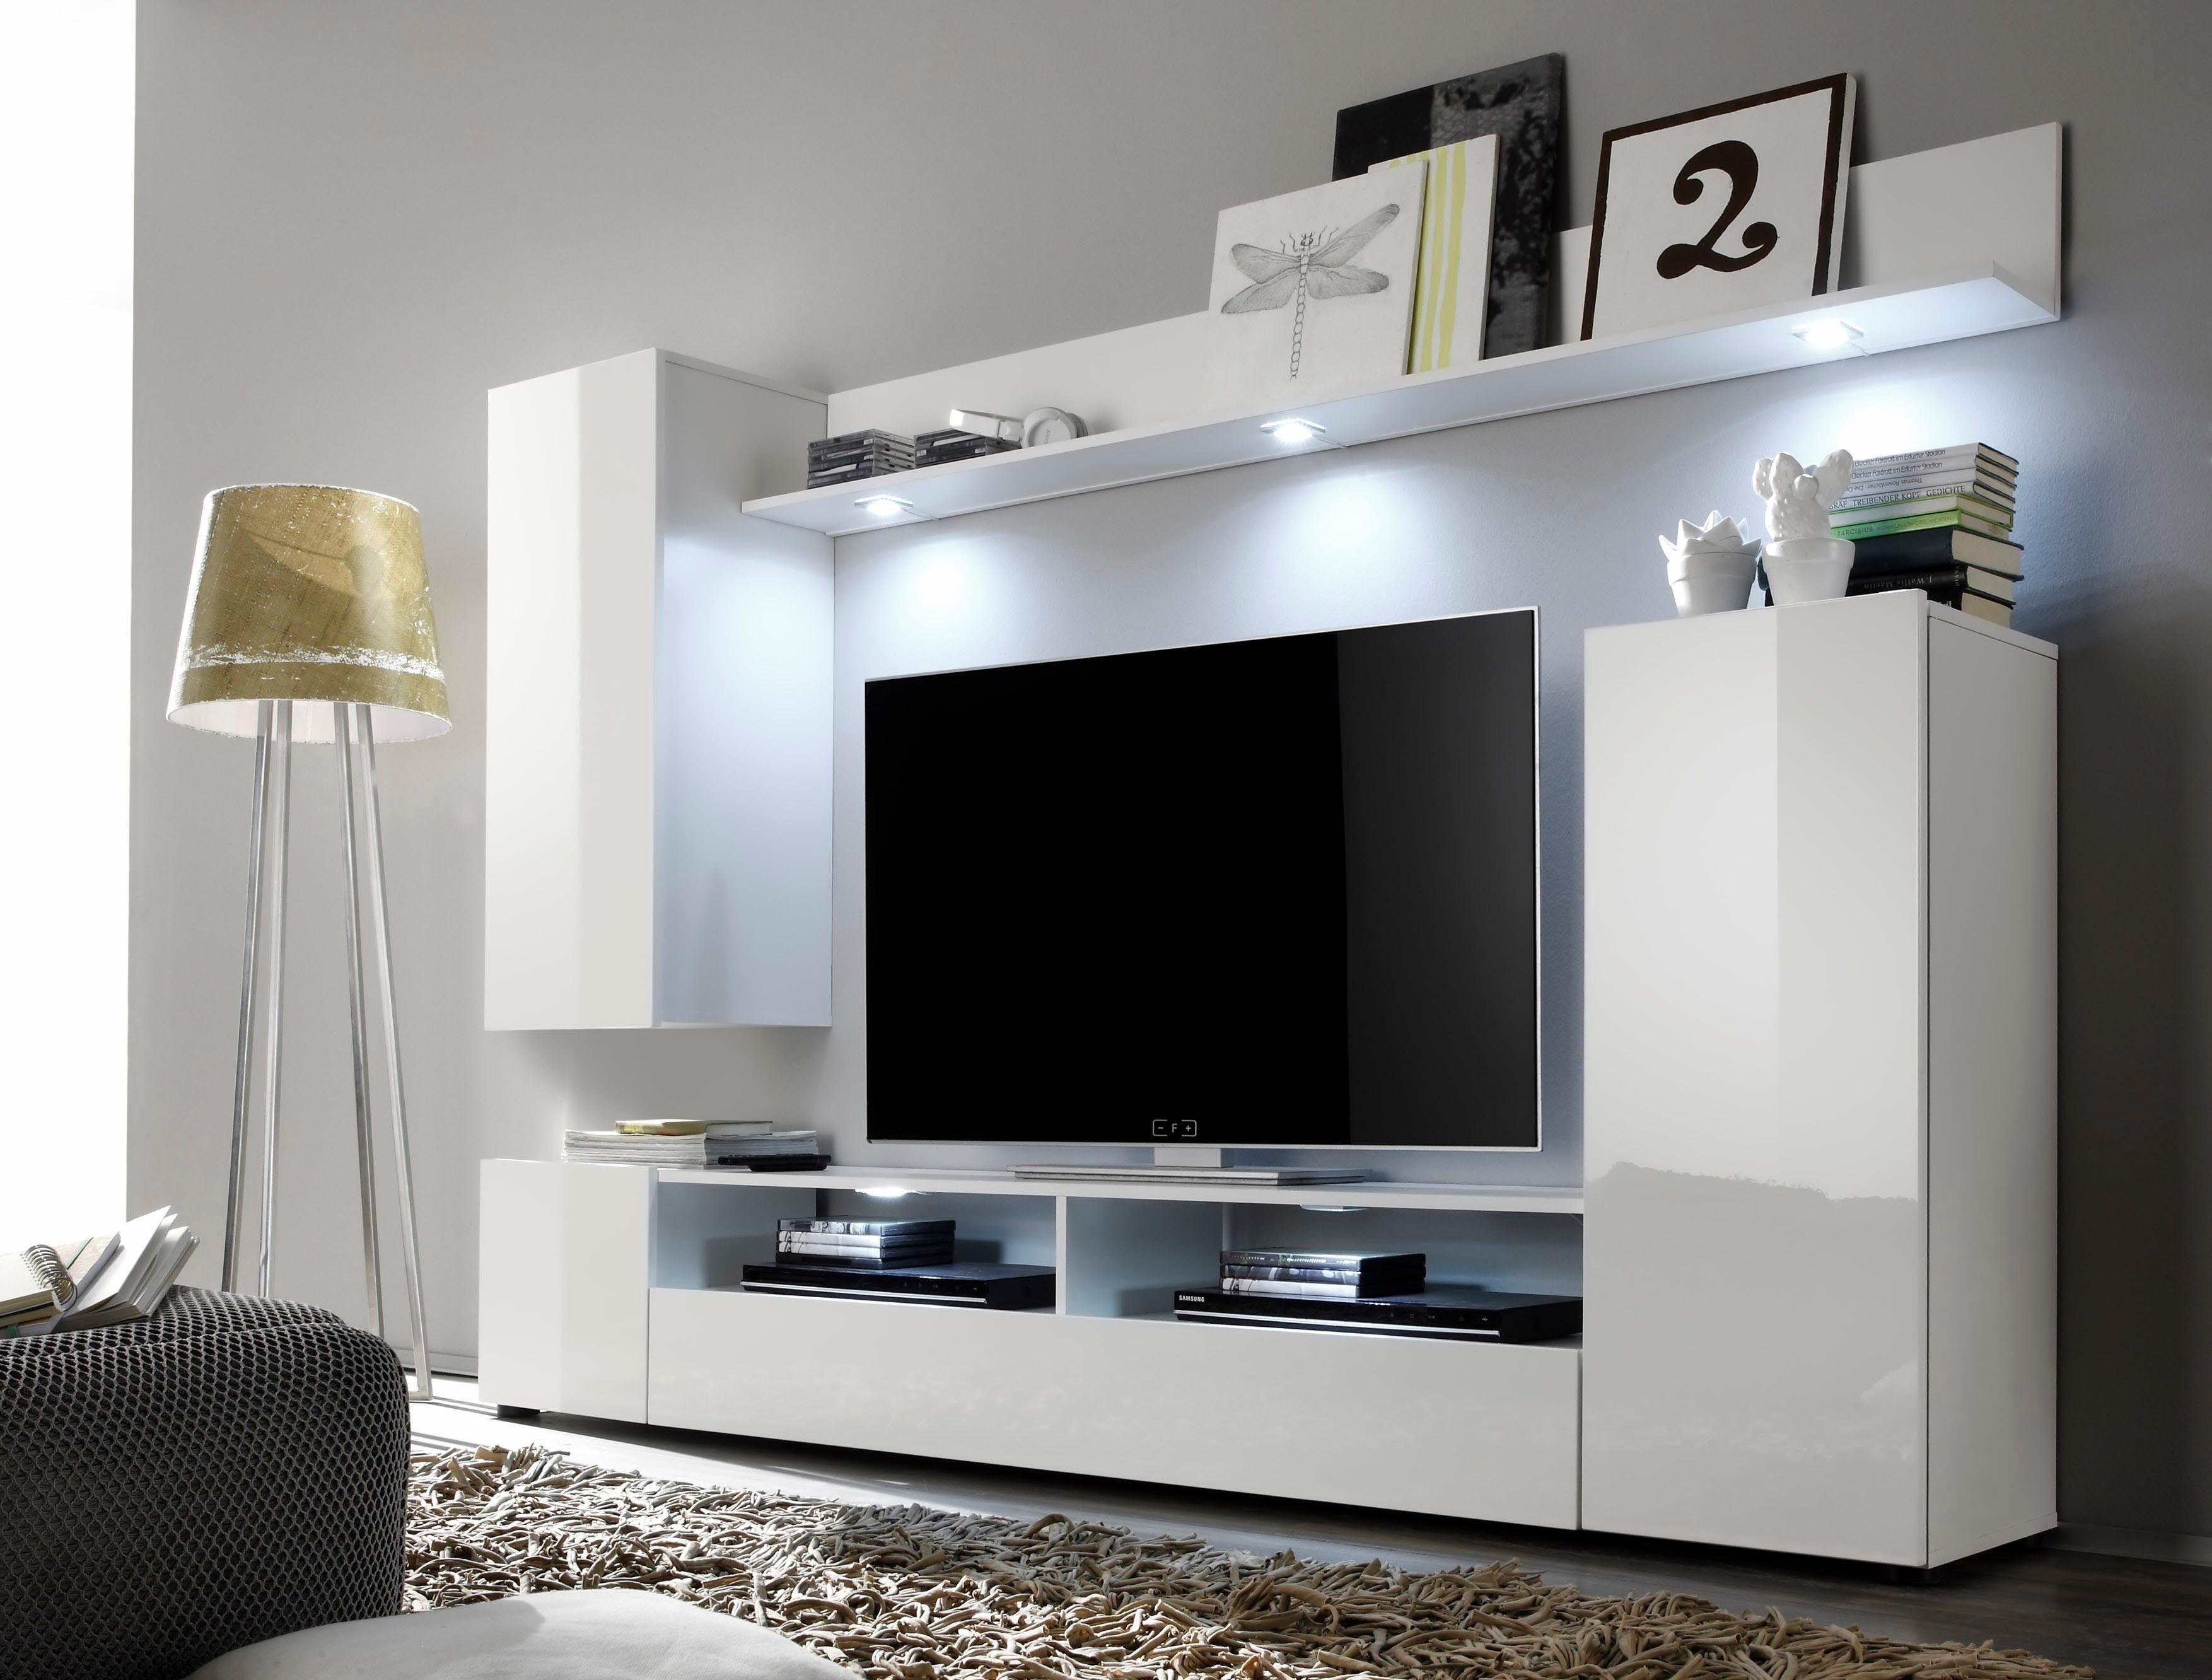 Tv Wohnwand Buche ~ Wohnwand wohnzimmerwand wohnzimmer tv buche massiv landhaus